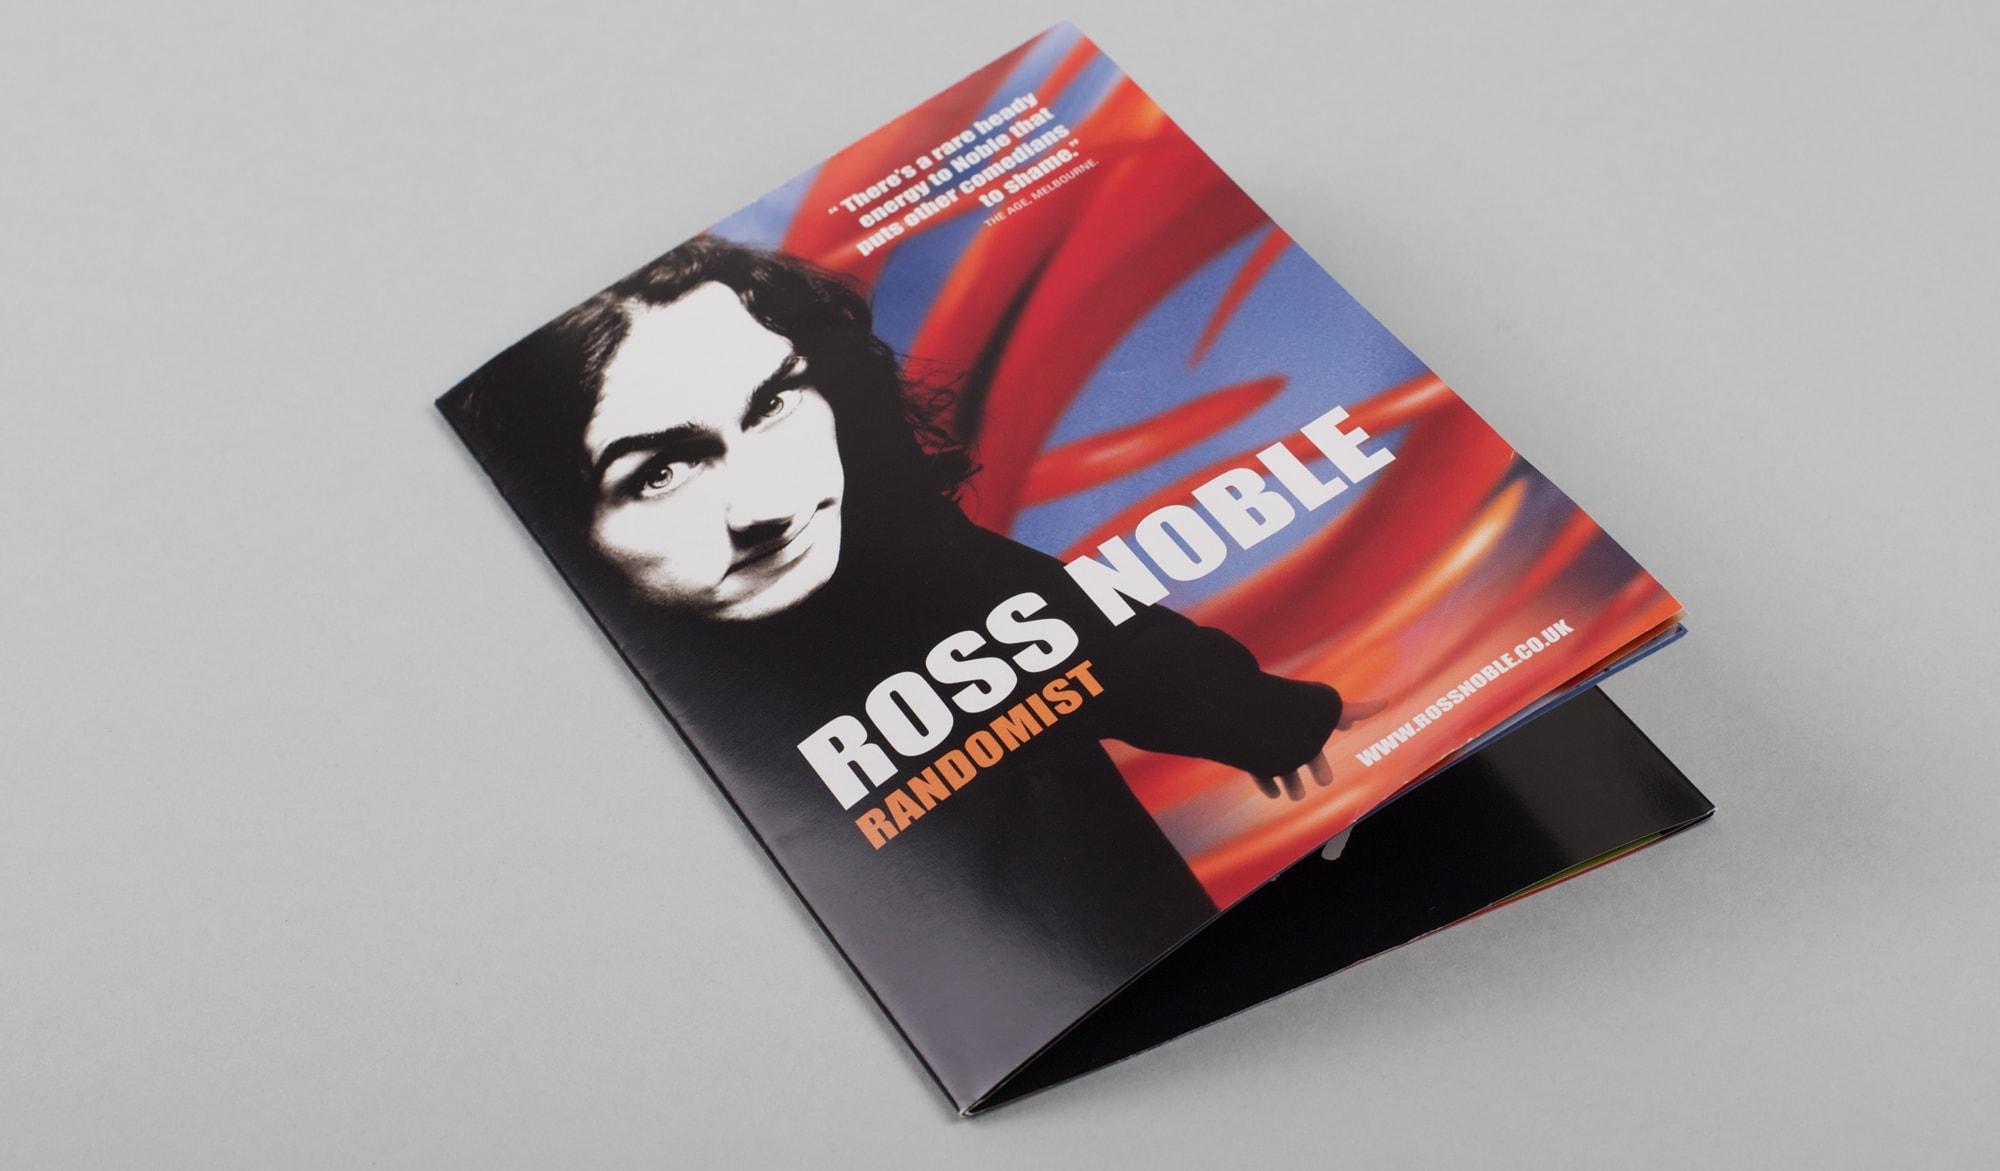 Ross Noble - Randomist - DVD booklet